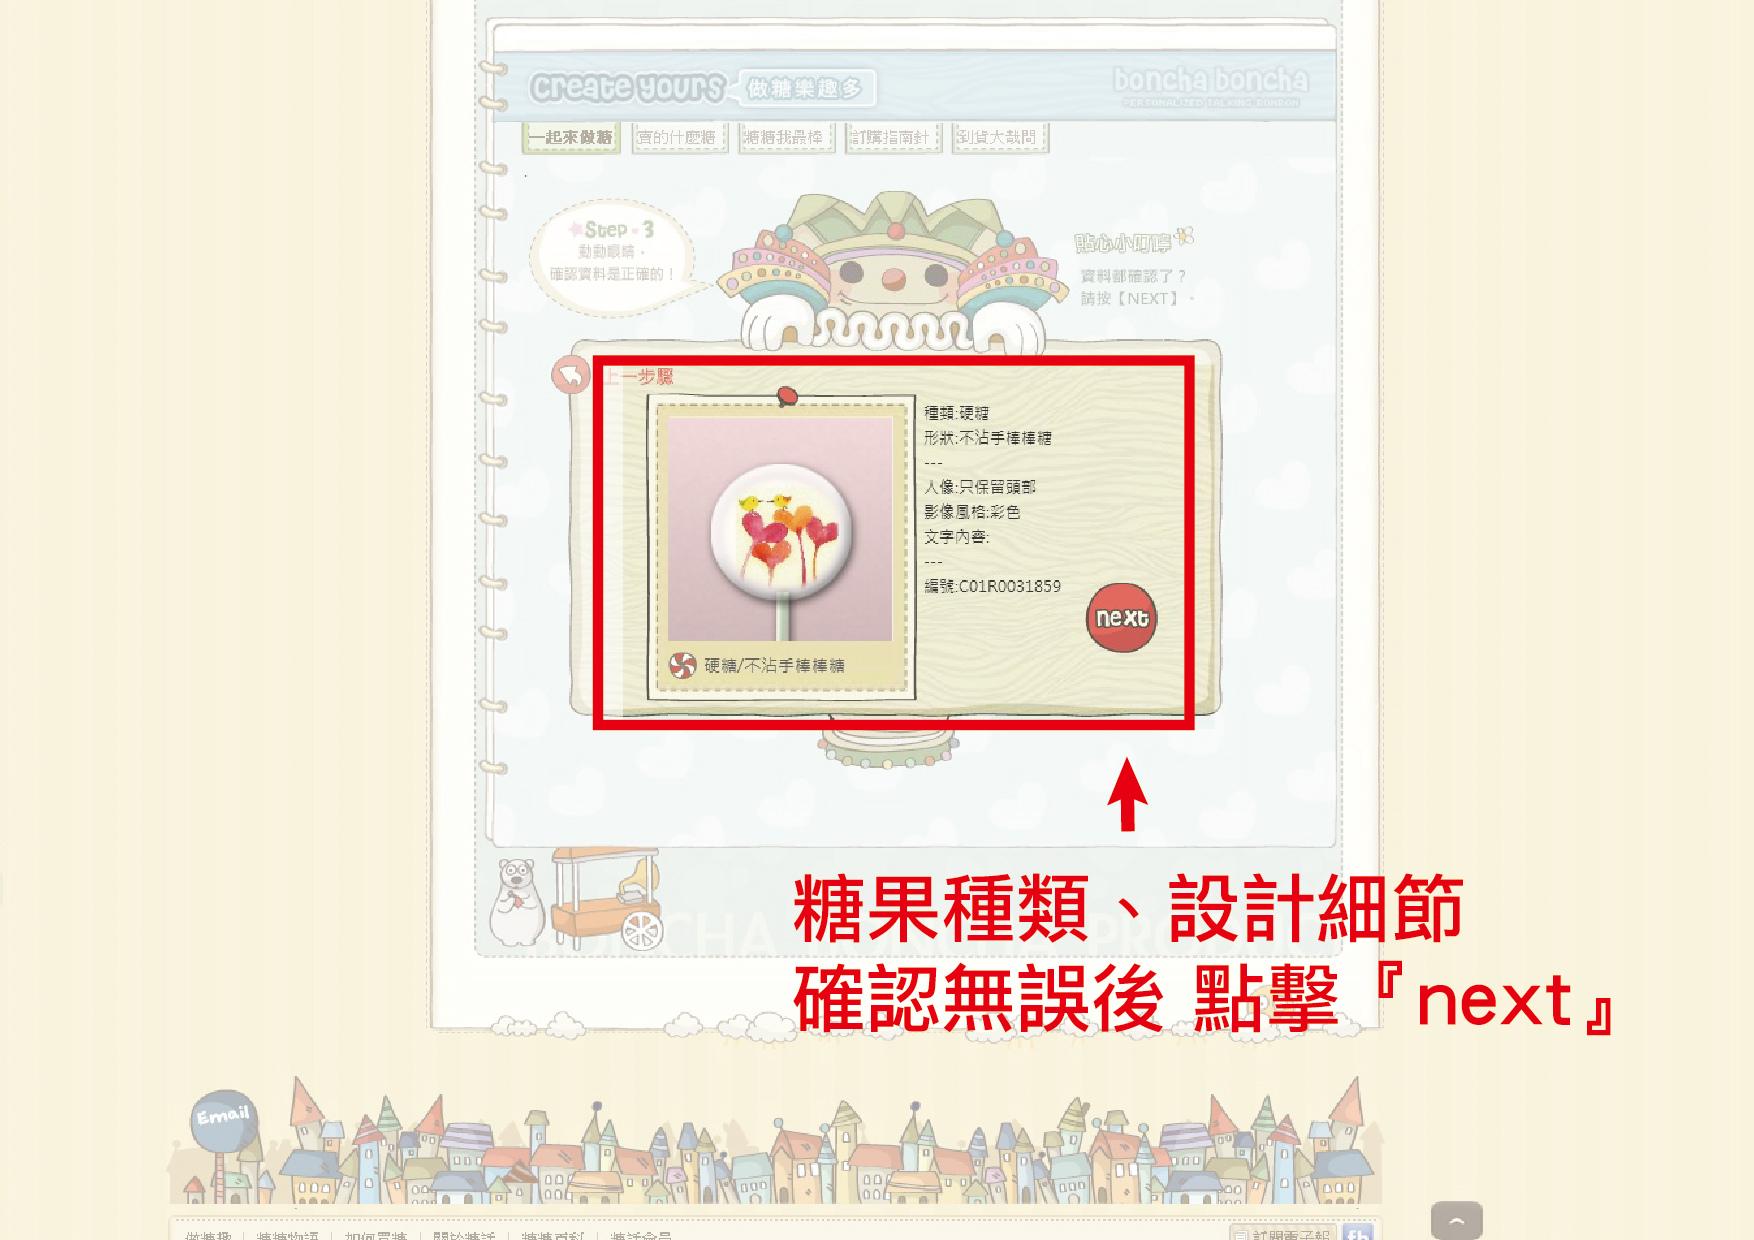 線上訂購指南-7.jpg